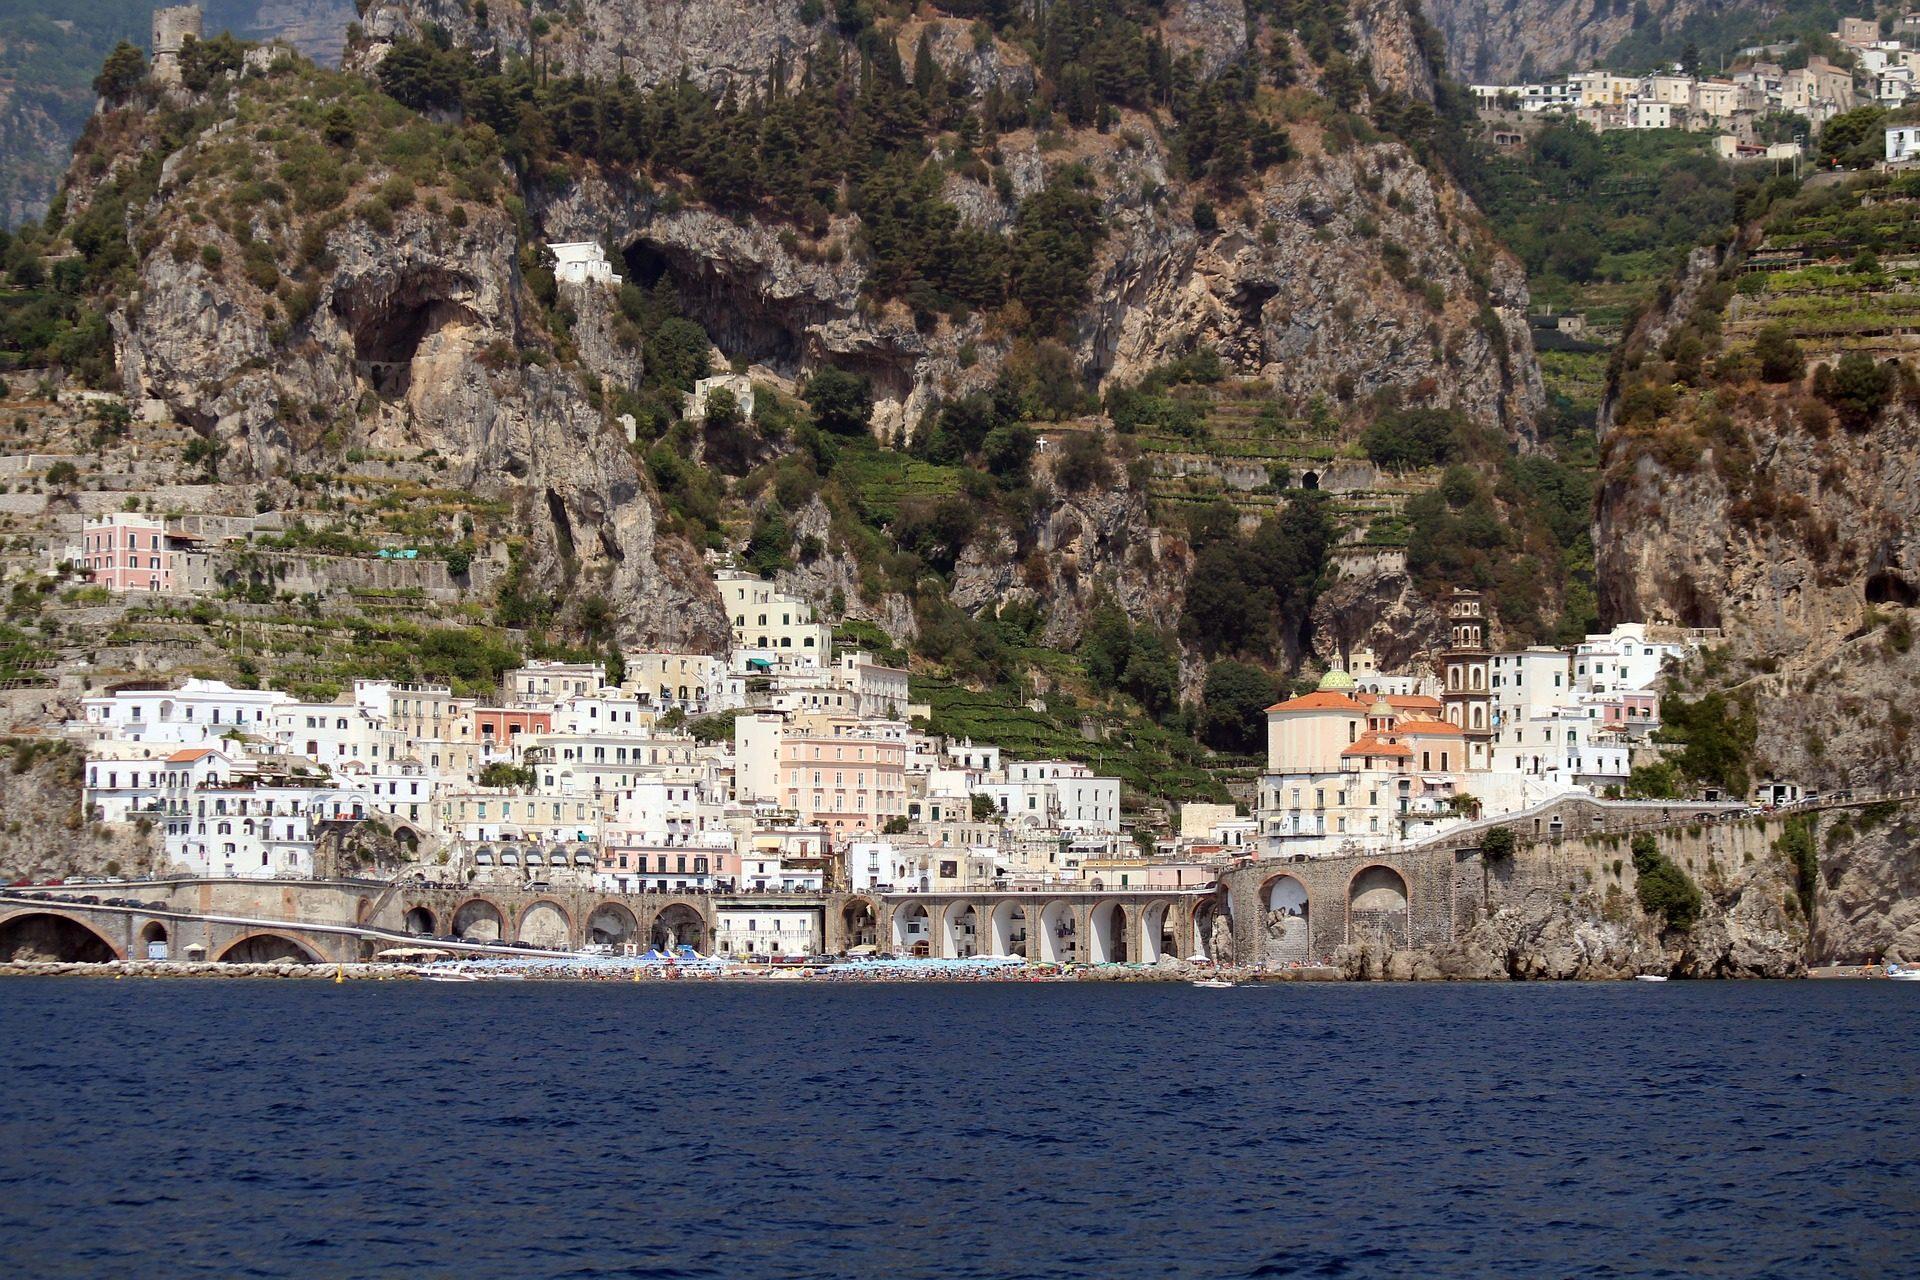 vila, Costa, Mar, montañas, Cliff, Atrani - Papéis de parede HD - Professor-falken.com